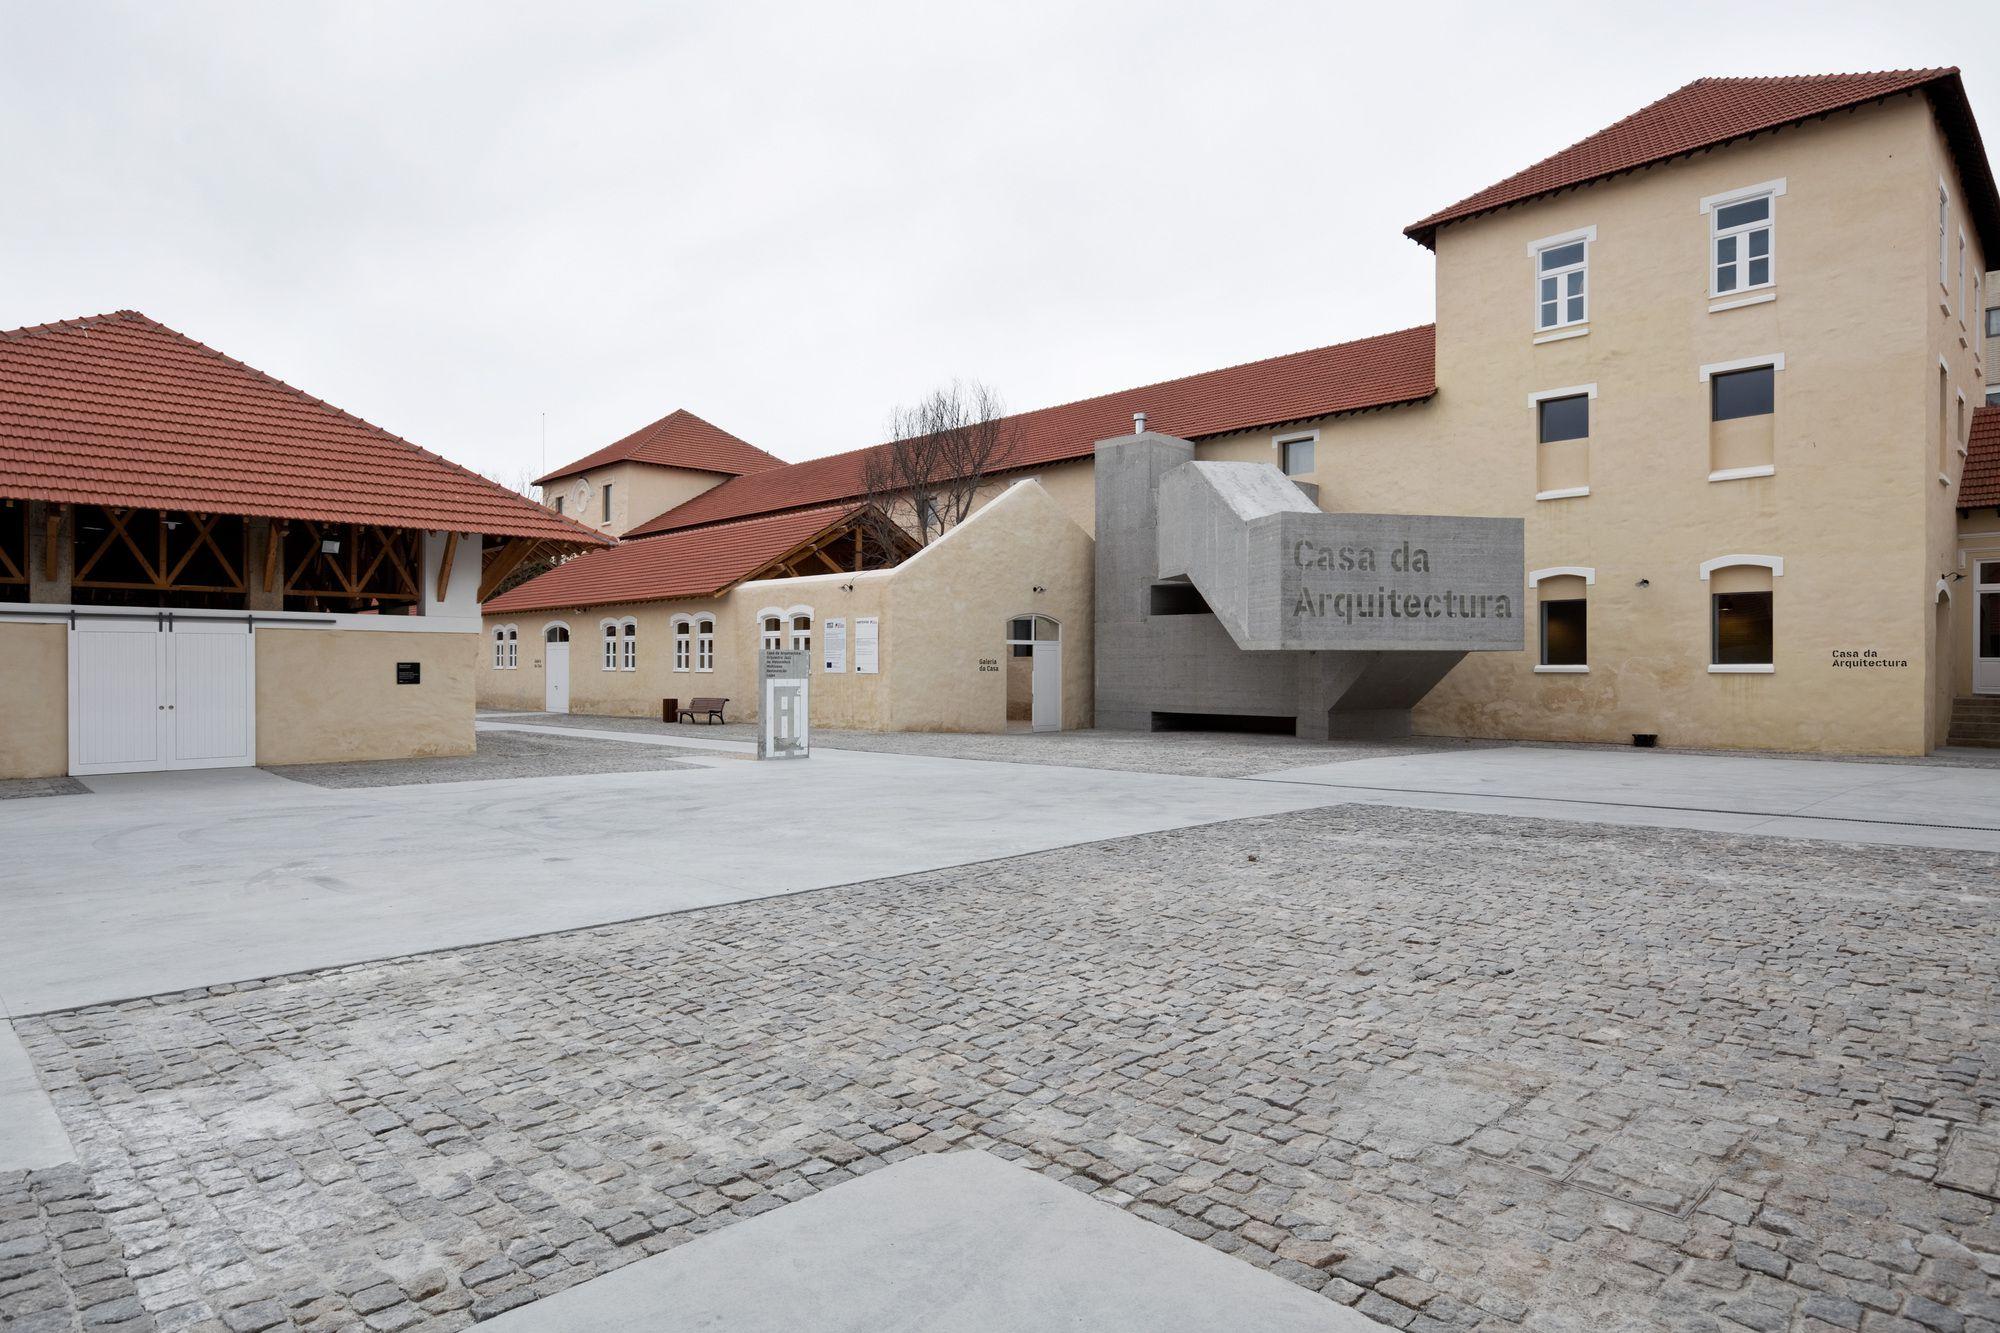 Acervo dos arquitectos Francisco Melo e Jorge Gigante vai ser doado à Casa da Arquitectura